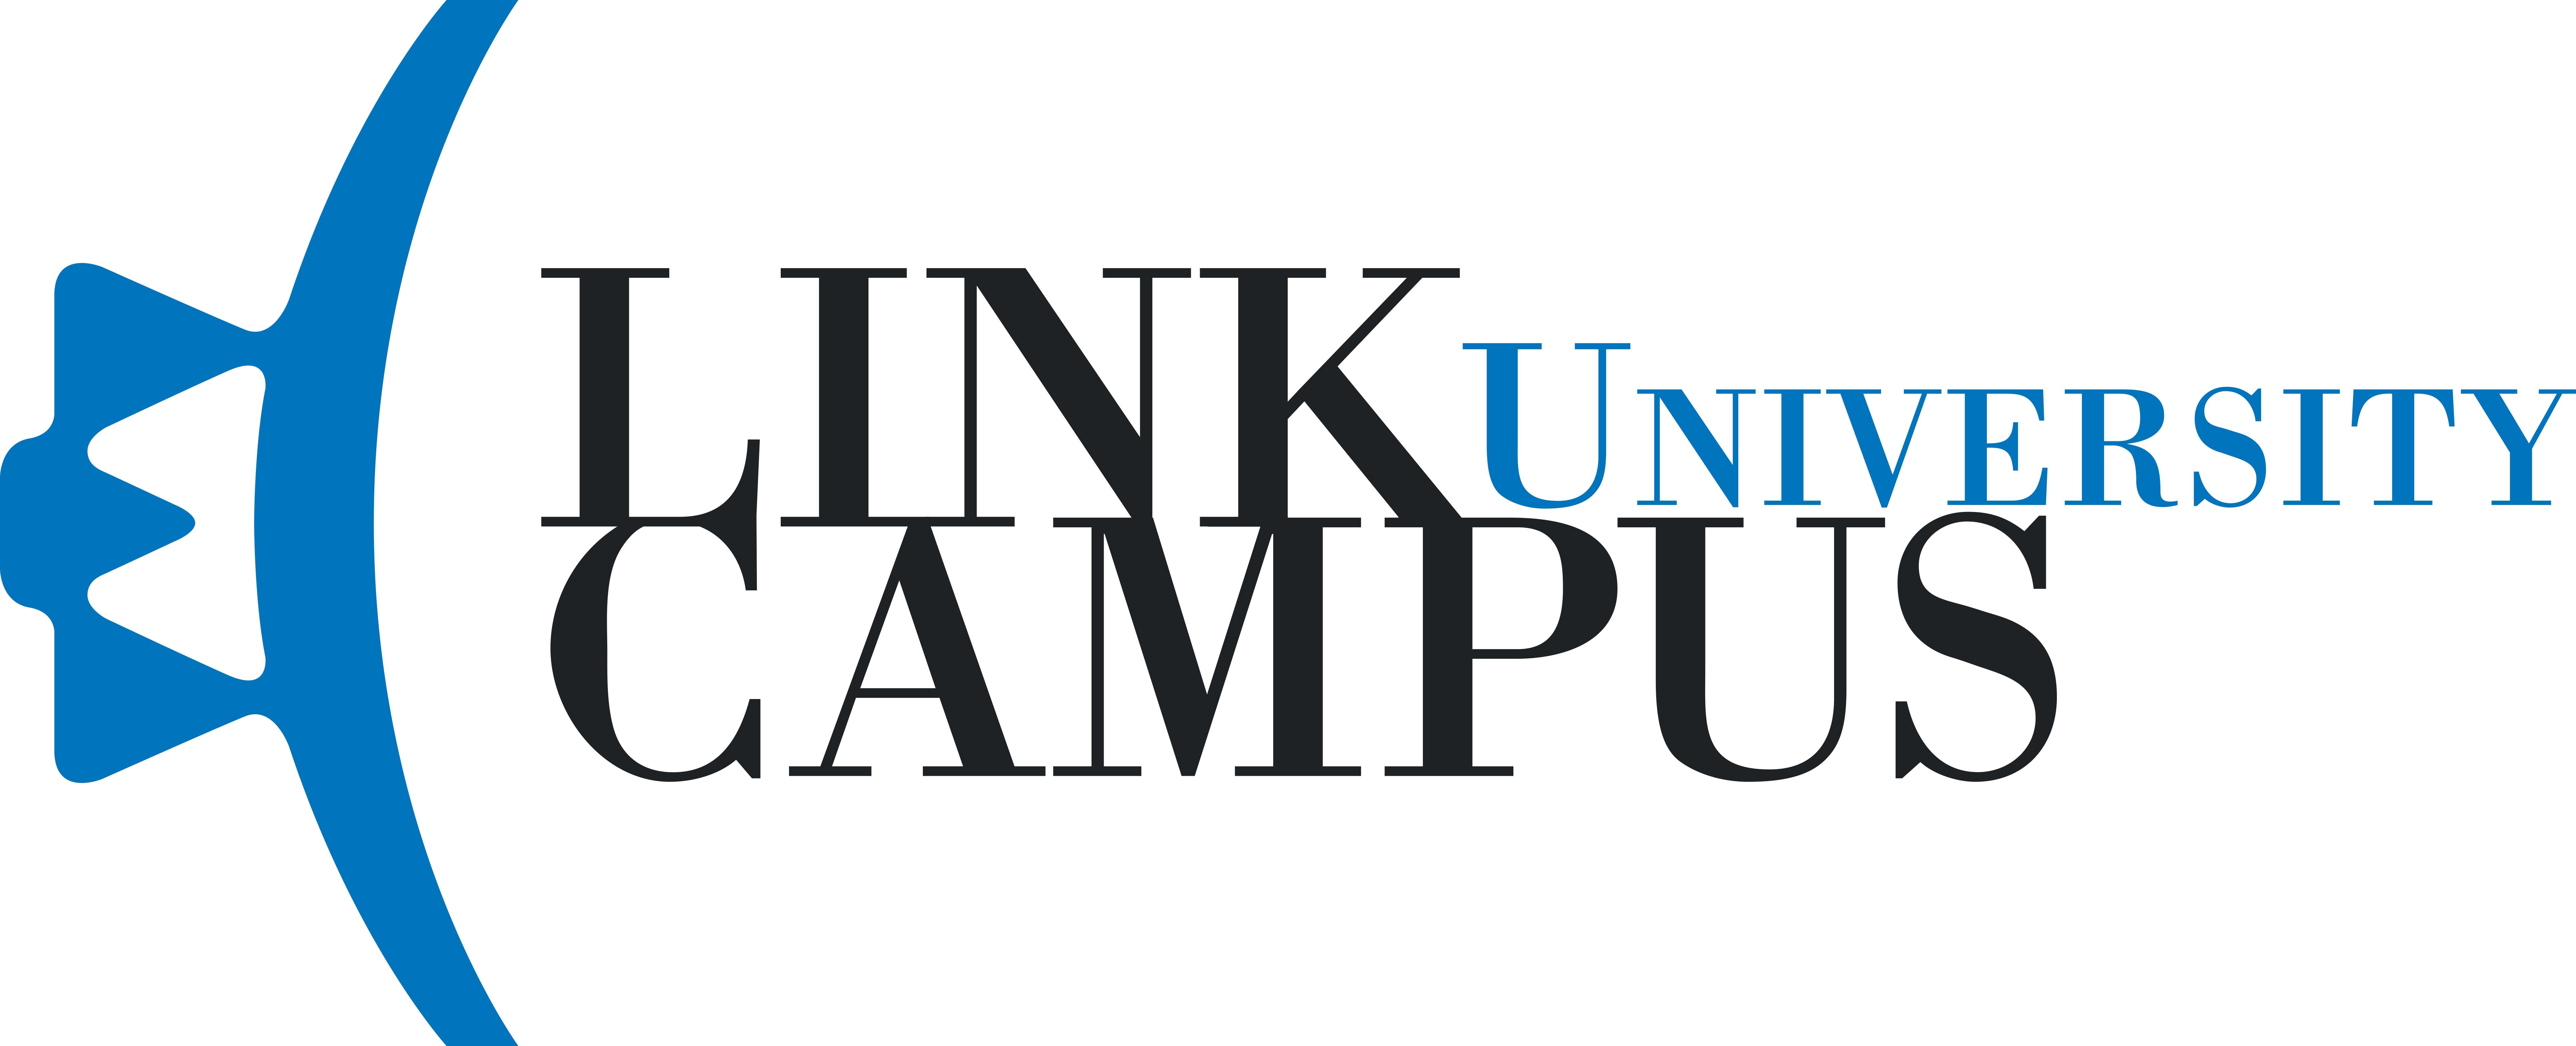 Esposizione del logo aziendale